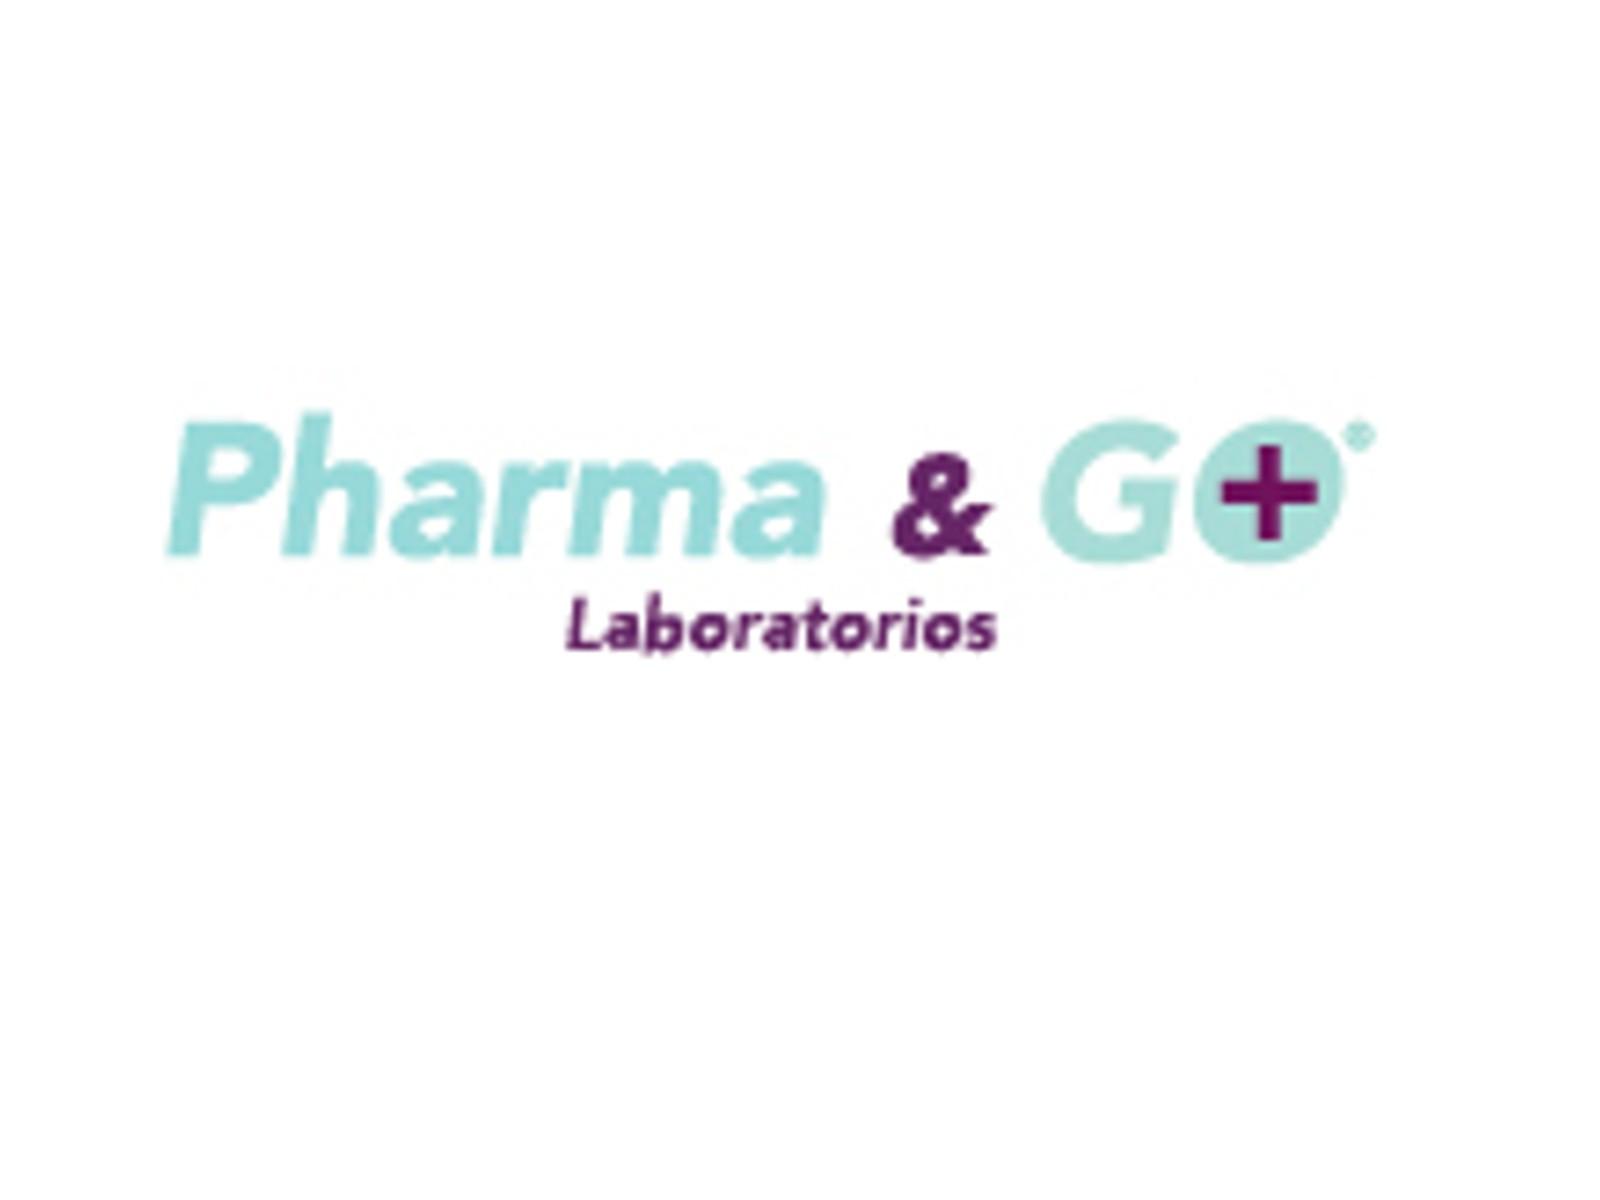 Pharma & Go